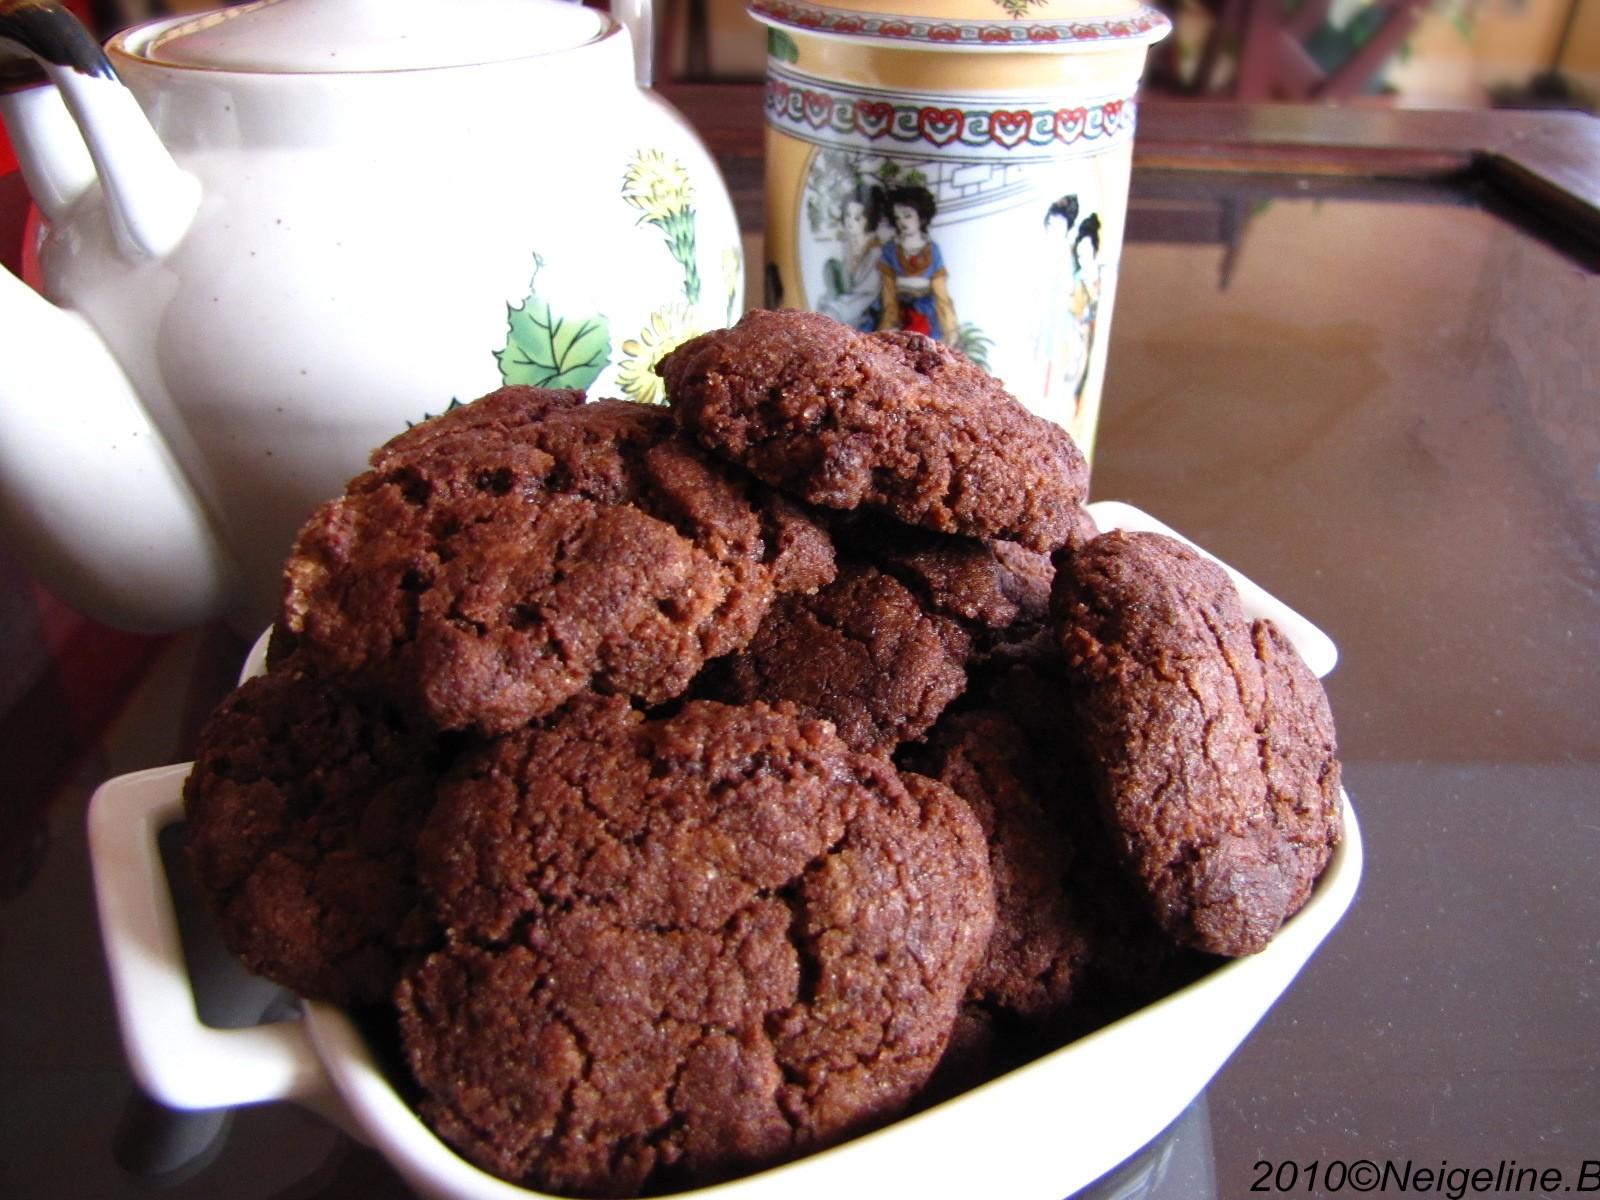 Recette pr parer en avance des craquelins au chocolat so what - Recette a preparer a l avance ...